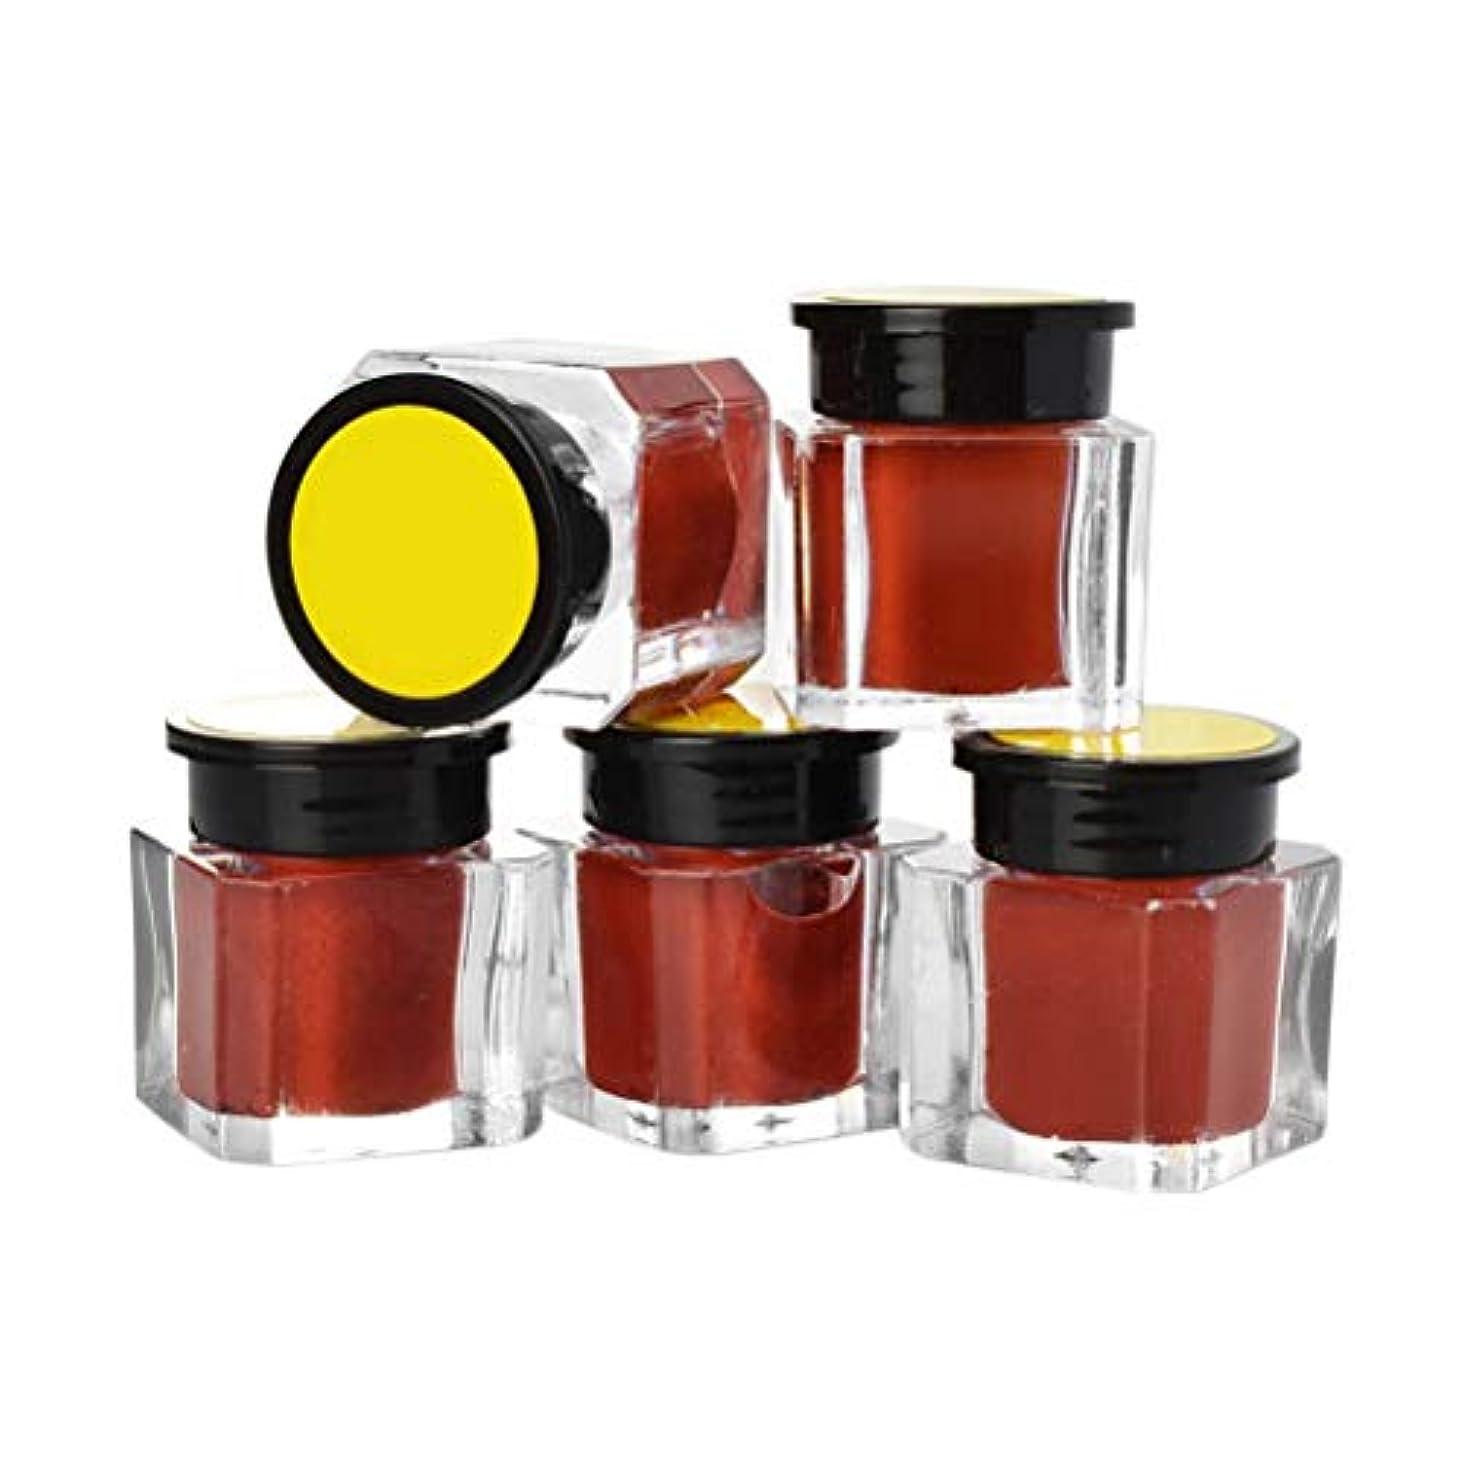 リンクジョージハンブリーベジタリアンSUPVOX 5本タトゥー顔料インク眉アイライナーボディーアート塗料マイクロブレード色(コーヒー)